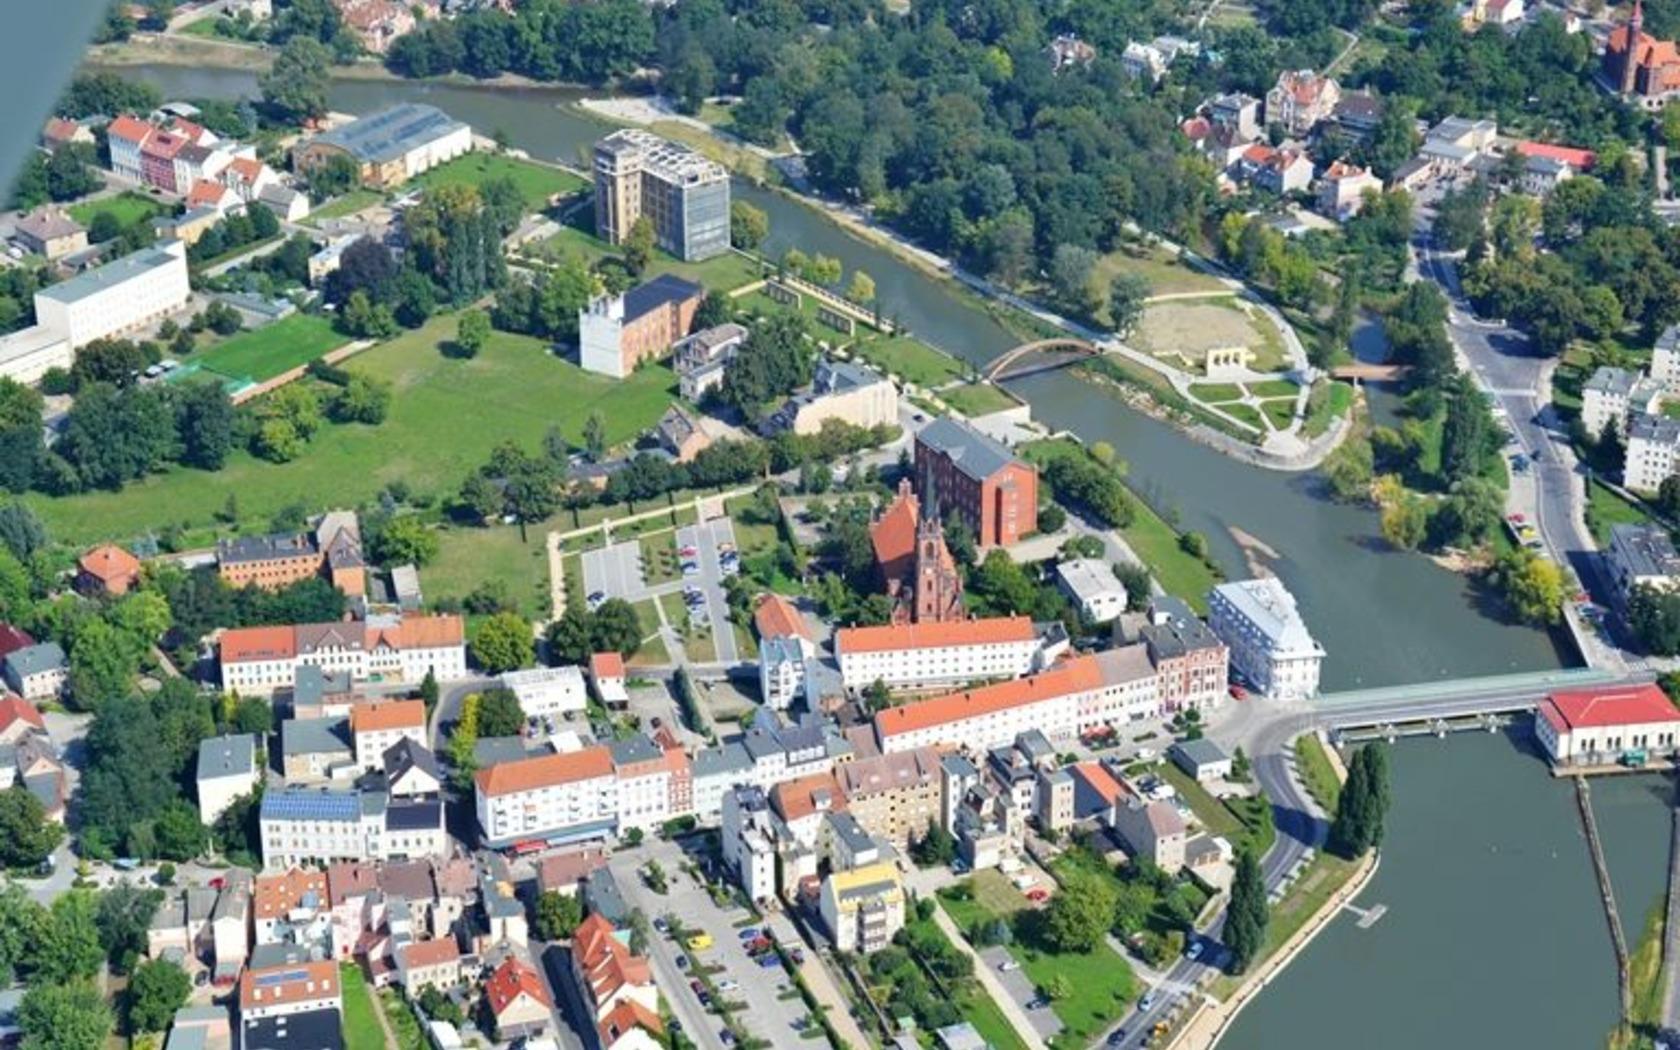 Luftbild Guben, Foto: MuT Guben